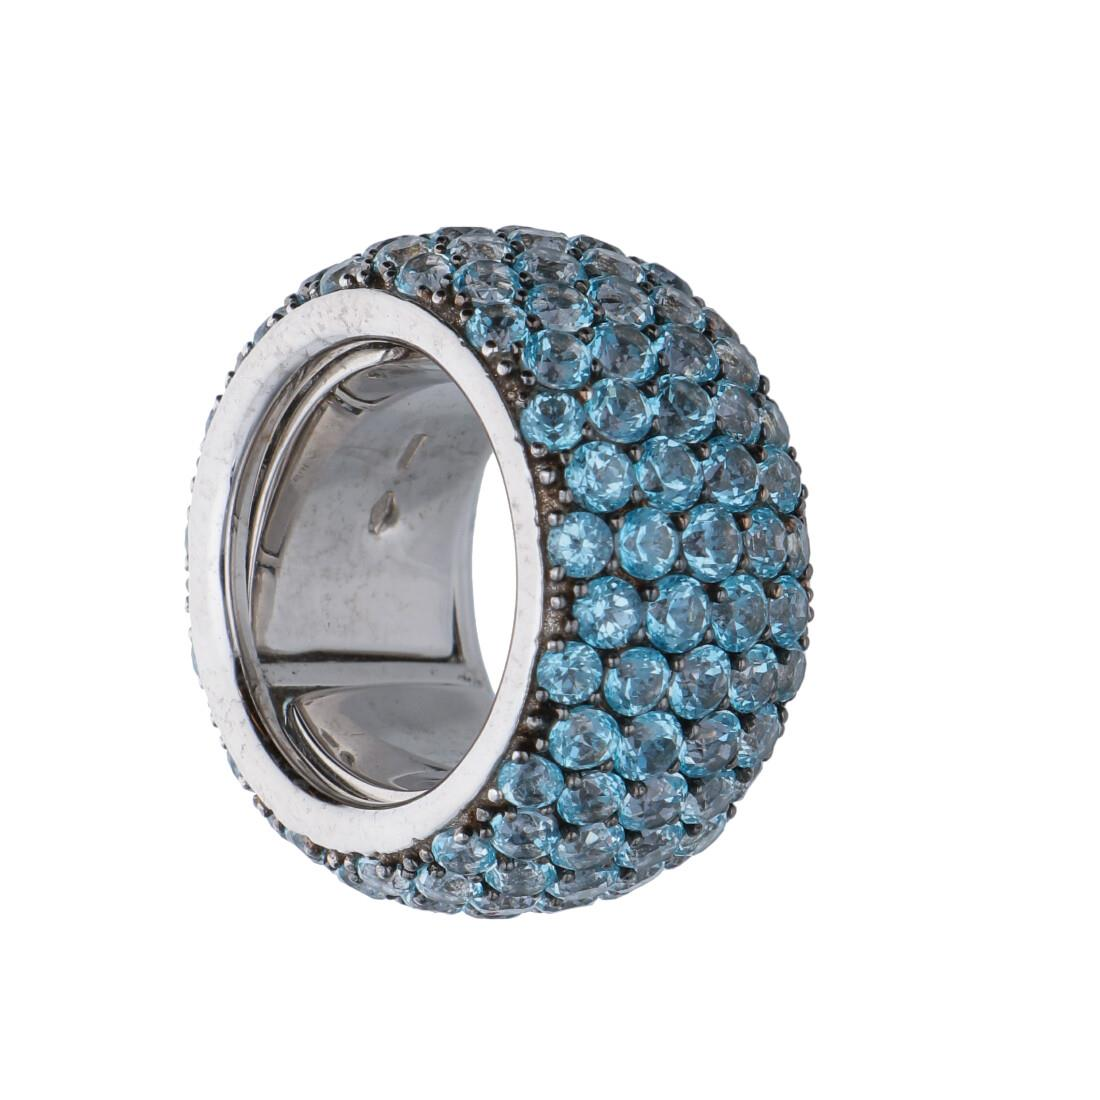 Anello a fascia con topazi azzurri - ROBERTO DEMEGLIO